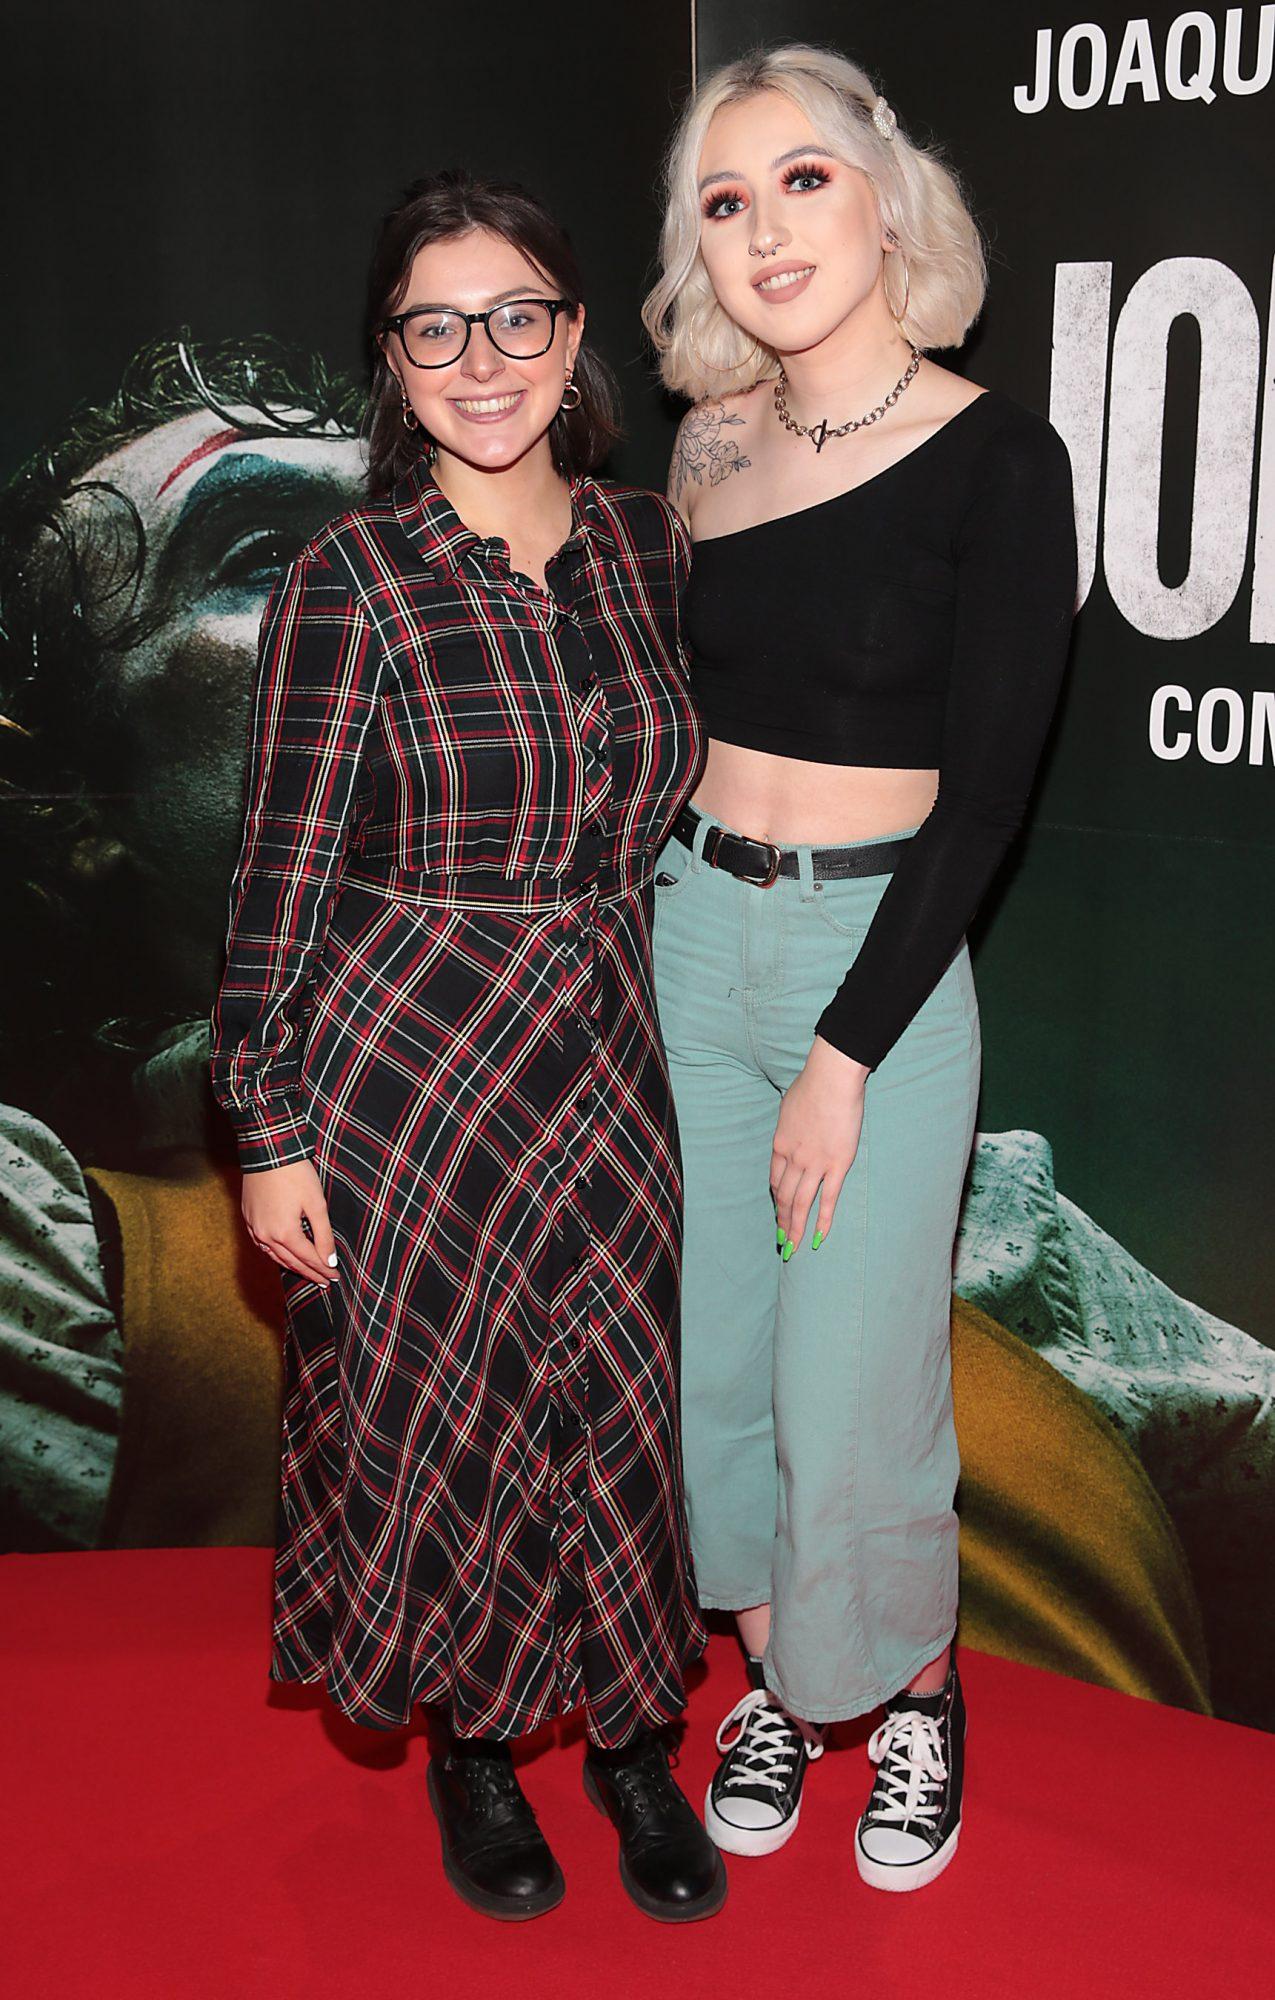 Jordann Jones and Aofe Sheridan at the Irish Premiere screening of Joker at Cineworld, Dublin. Pic: Brian McEvoy.